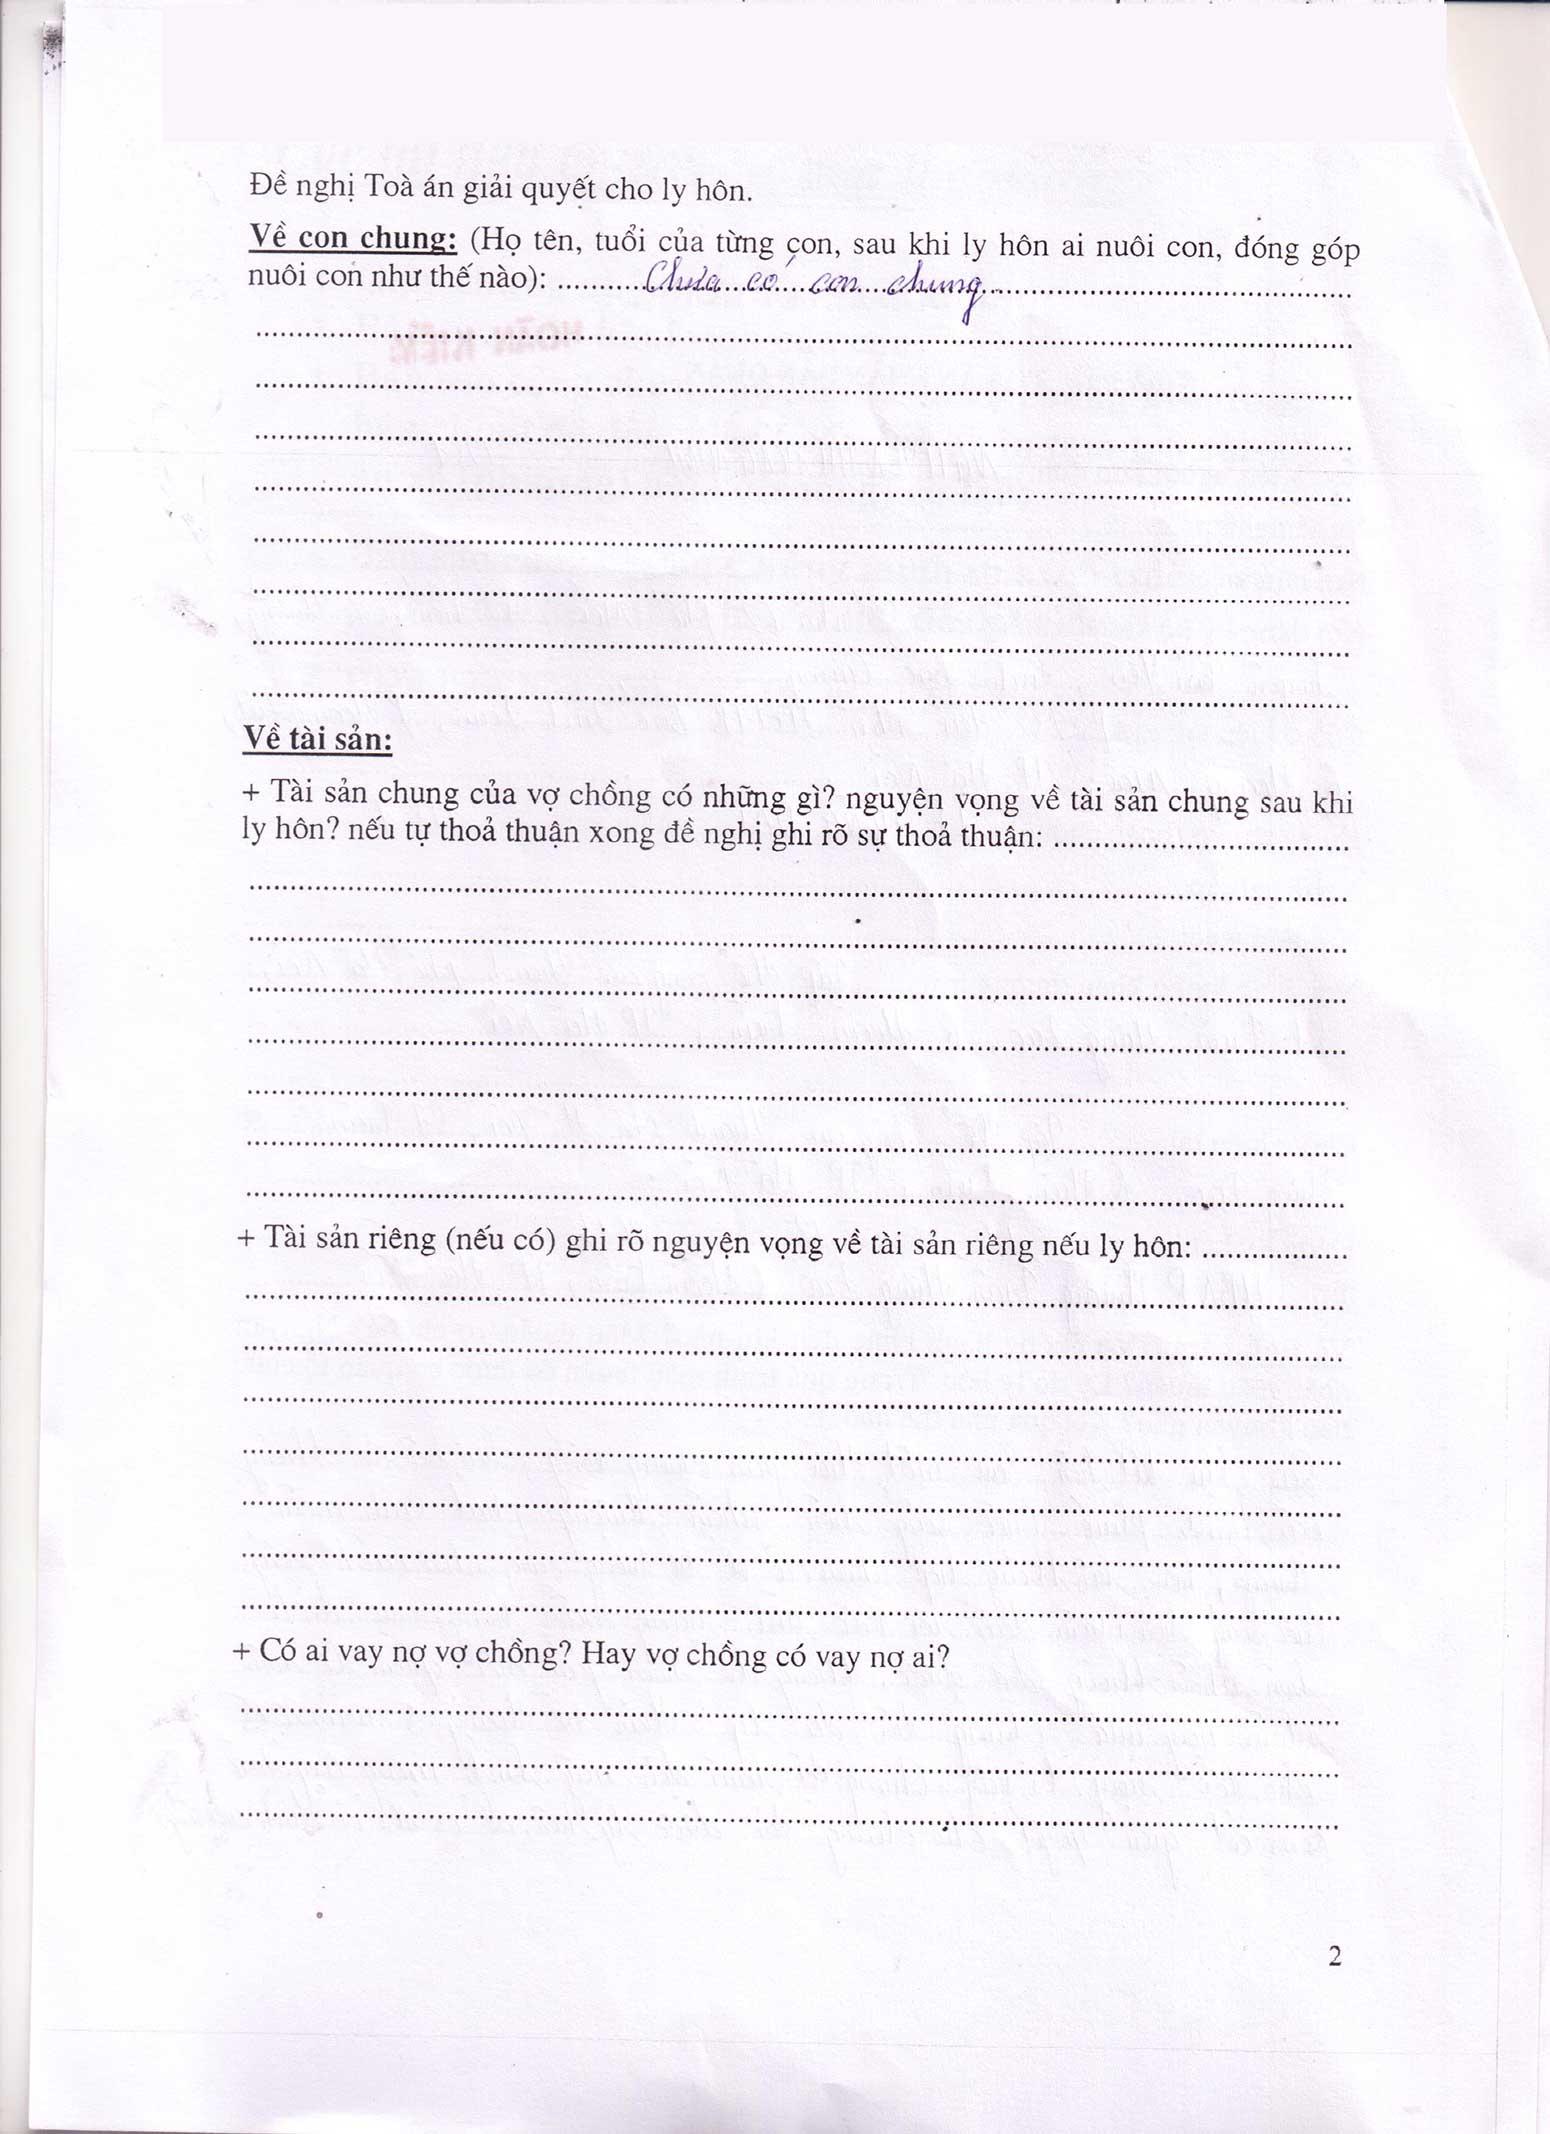 Đơn xin ly hôn viết tay trang 2